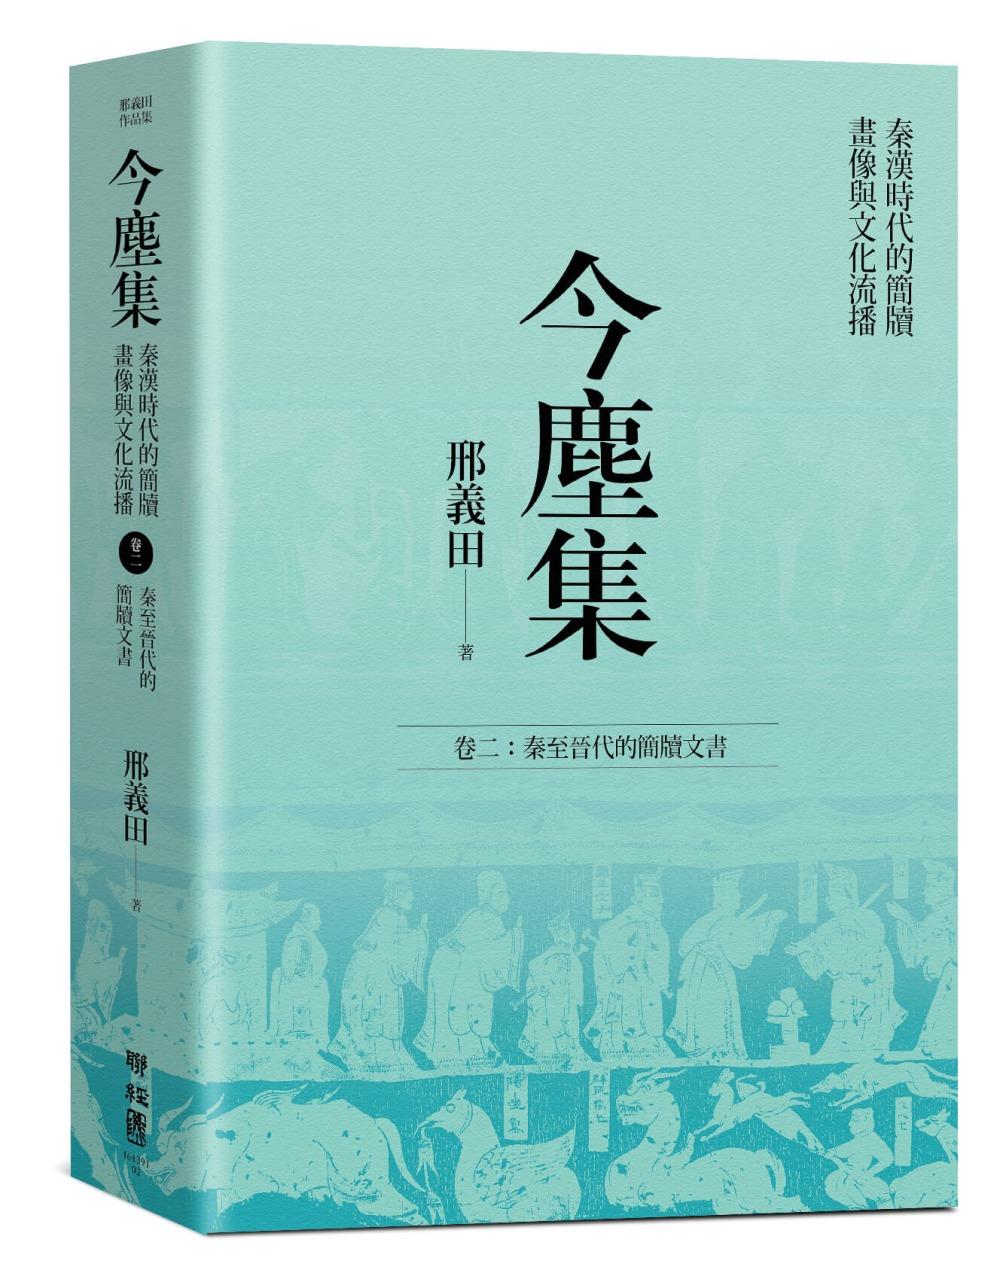 今塵集 秦漢時代的簡牘、畫像與文化流播:卷二:秦至晉代的簡牘文書